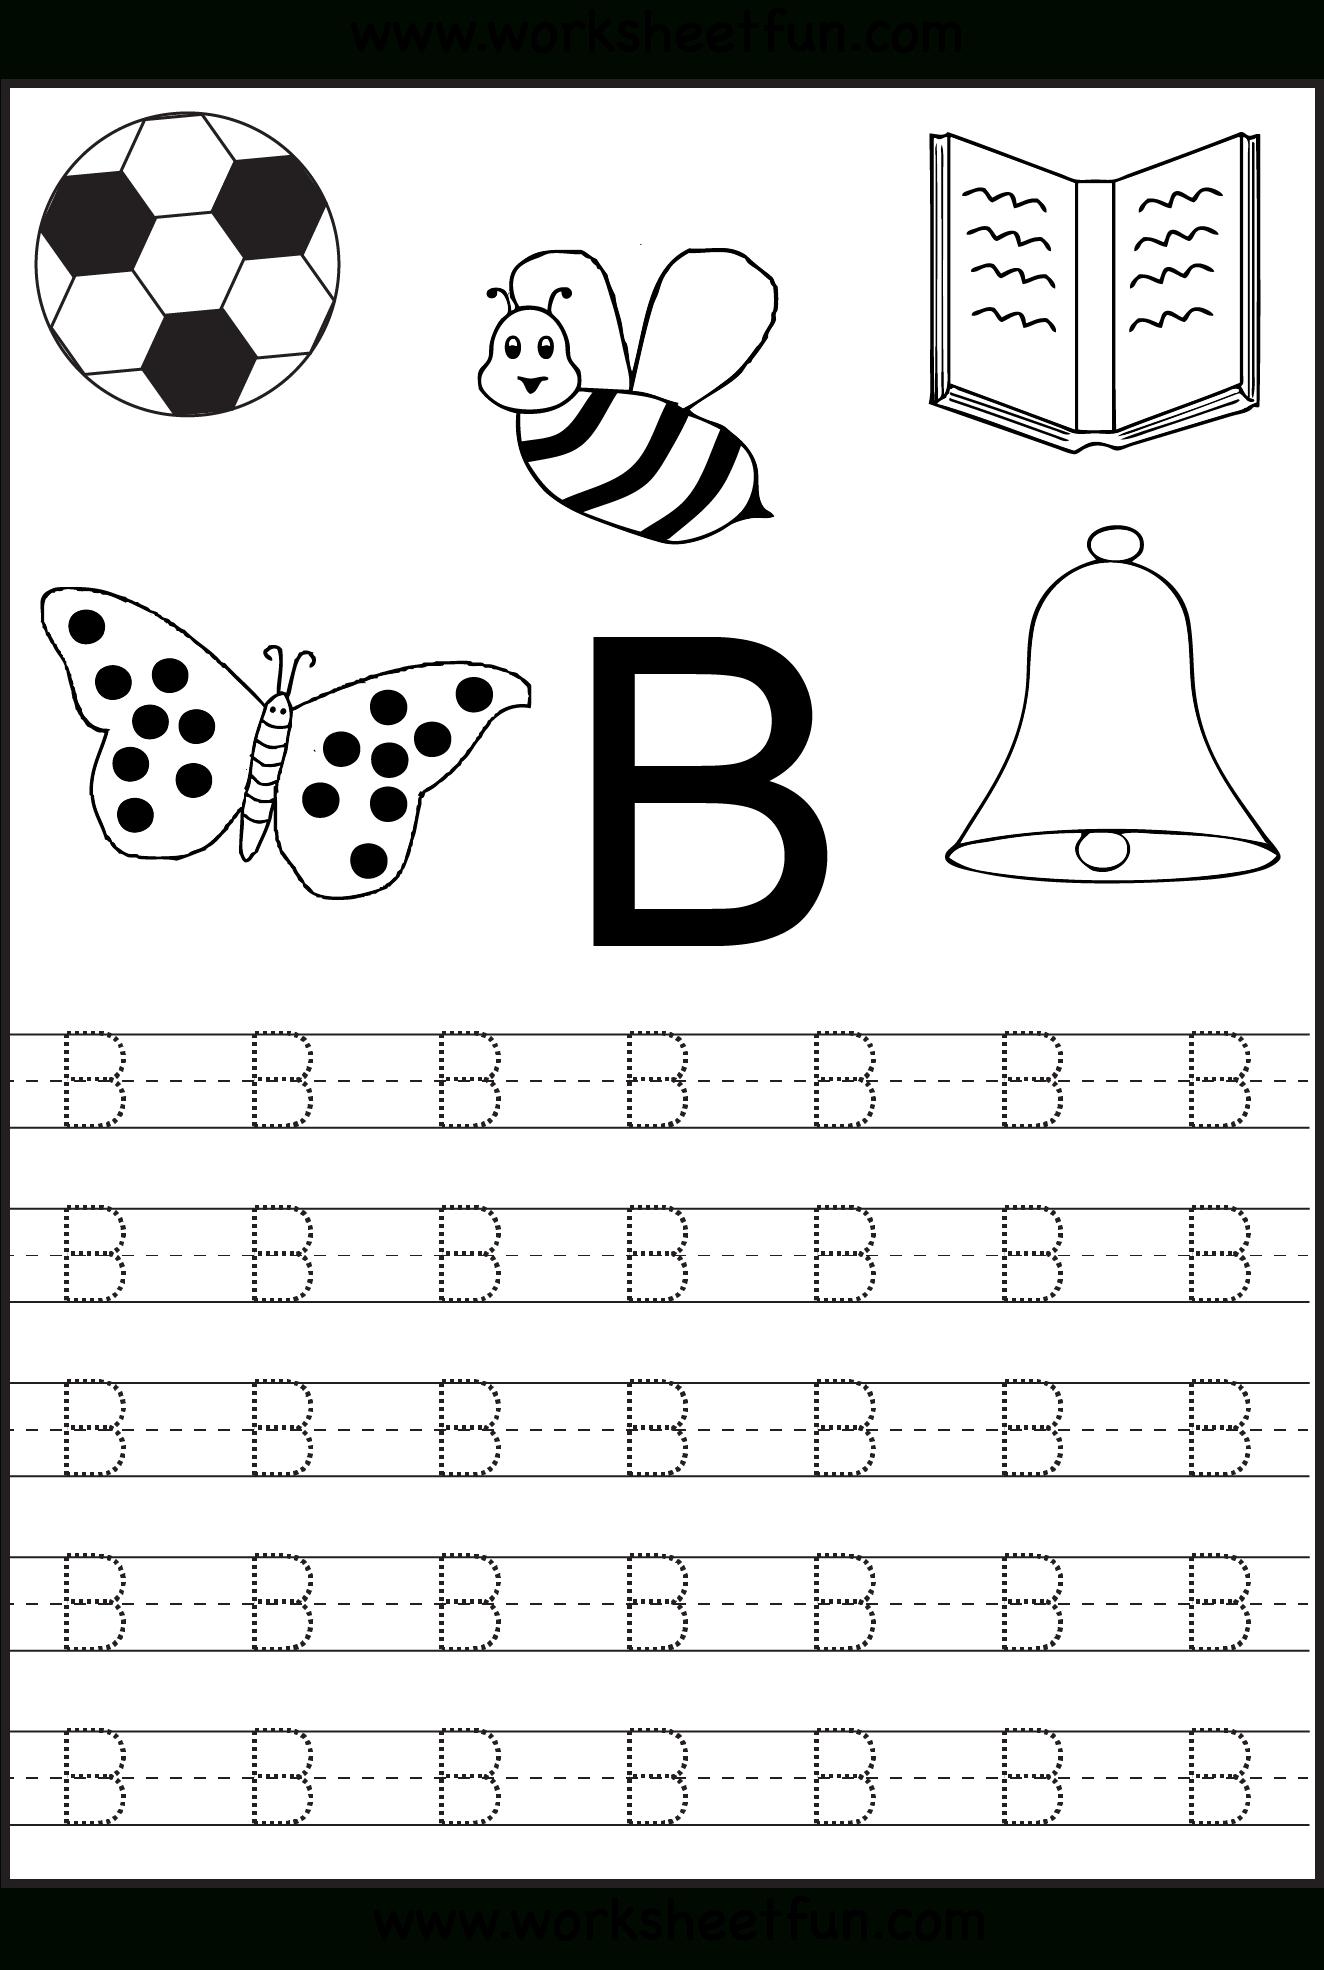 Printing Worksheets For Kids Practice Kindergarten Alphabet for Letter Tracing Worksheets For Kindergarten Pdf